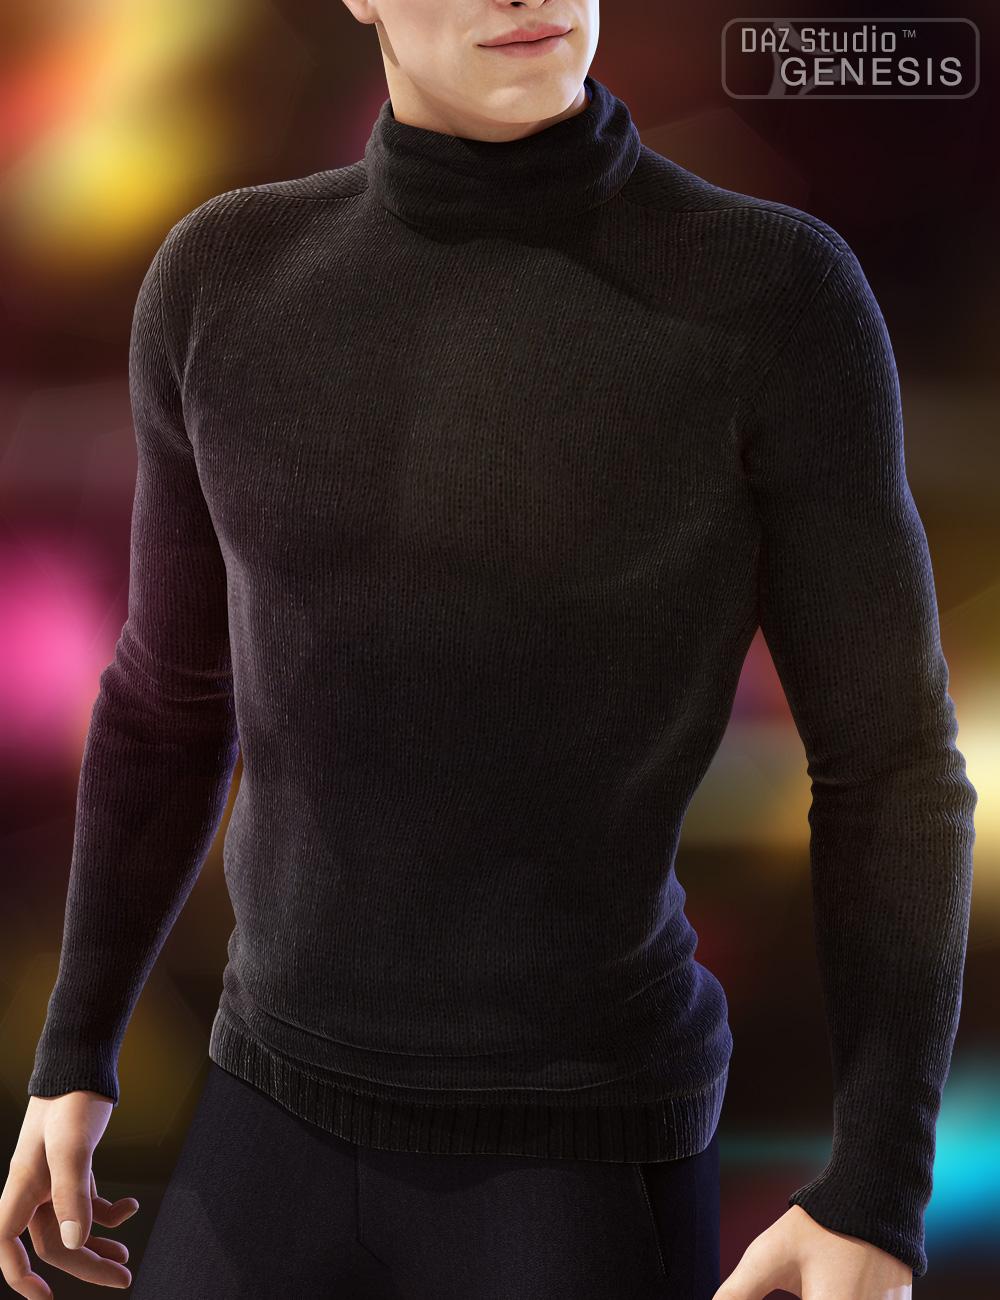 Real Feel Cozy Turtleneck Genesis by: 4blueyes, 3D Models by Daz 3D